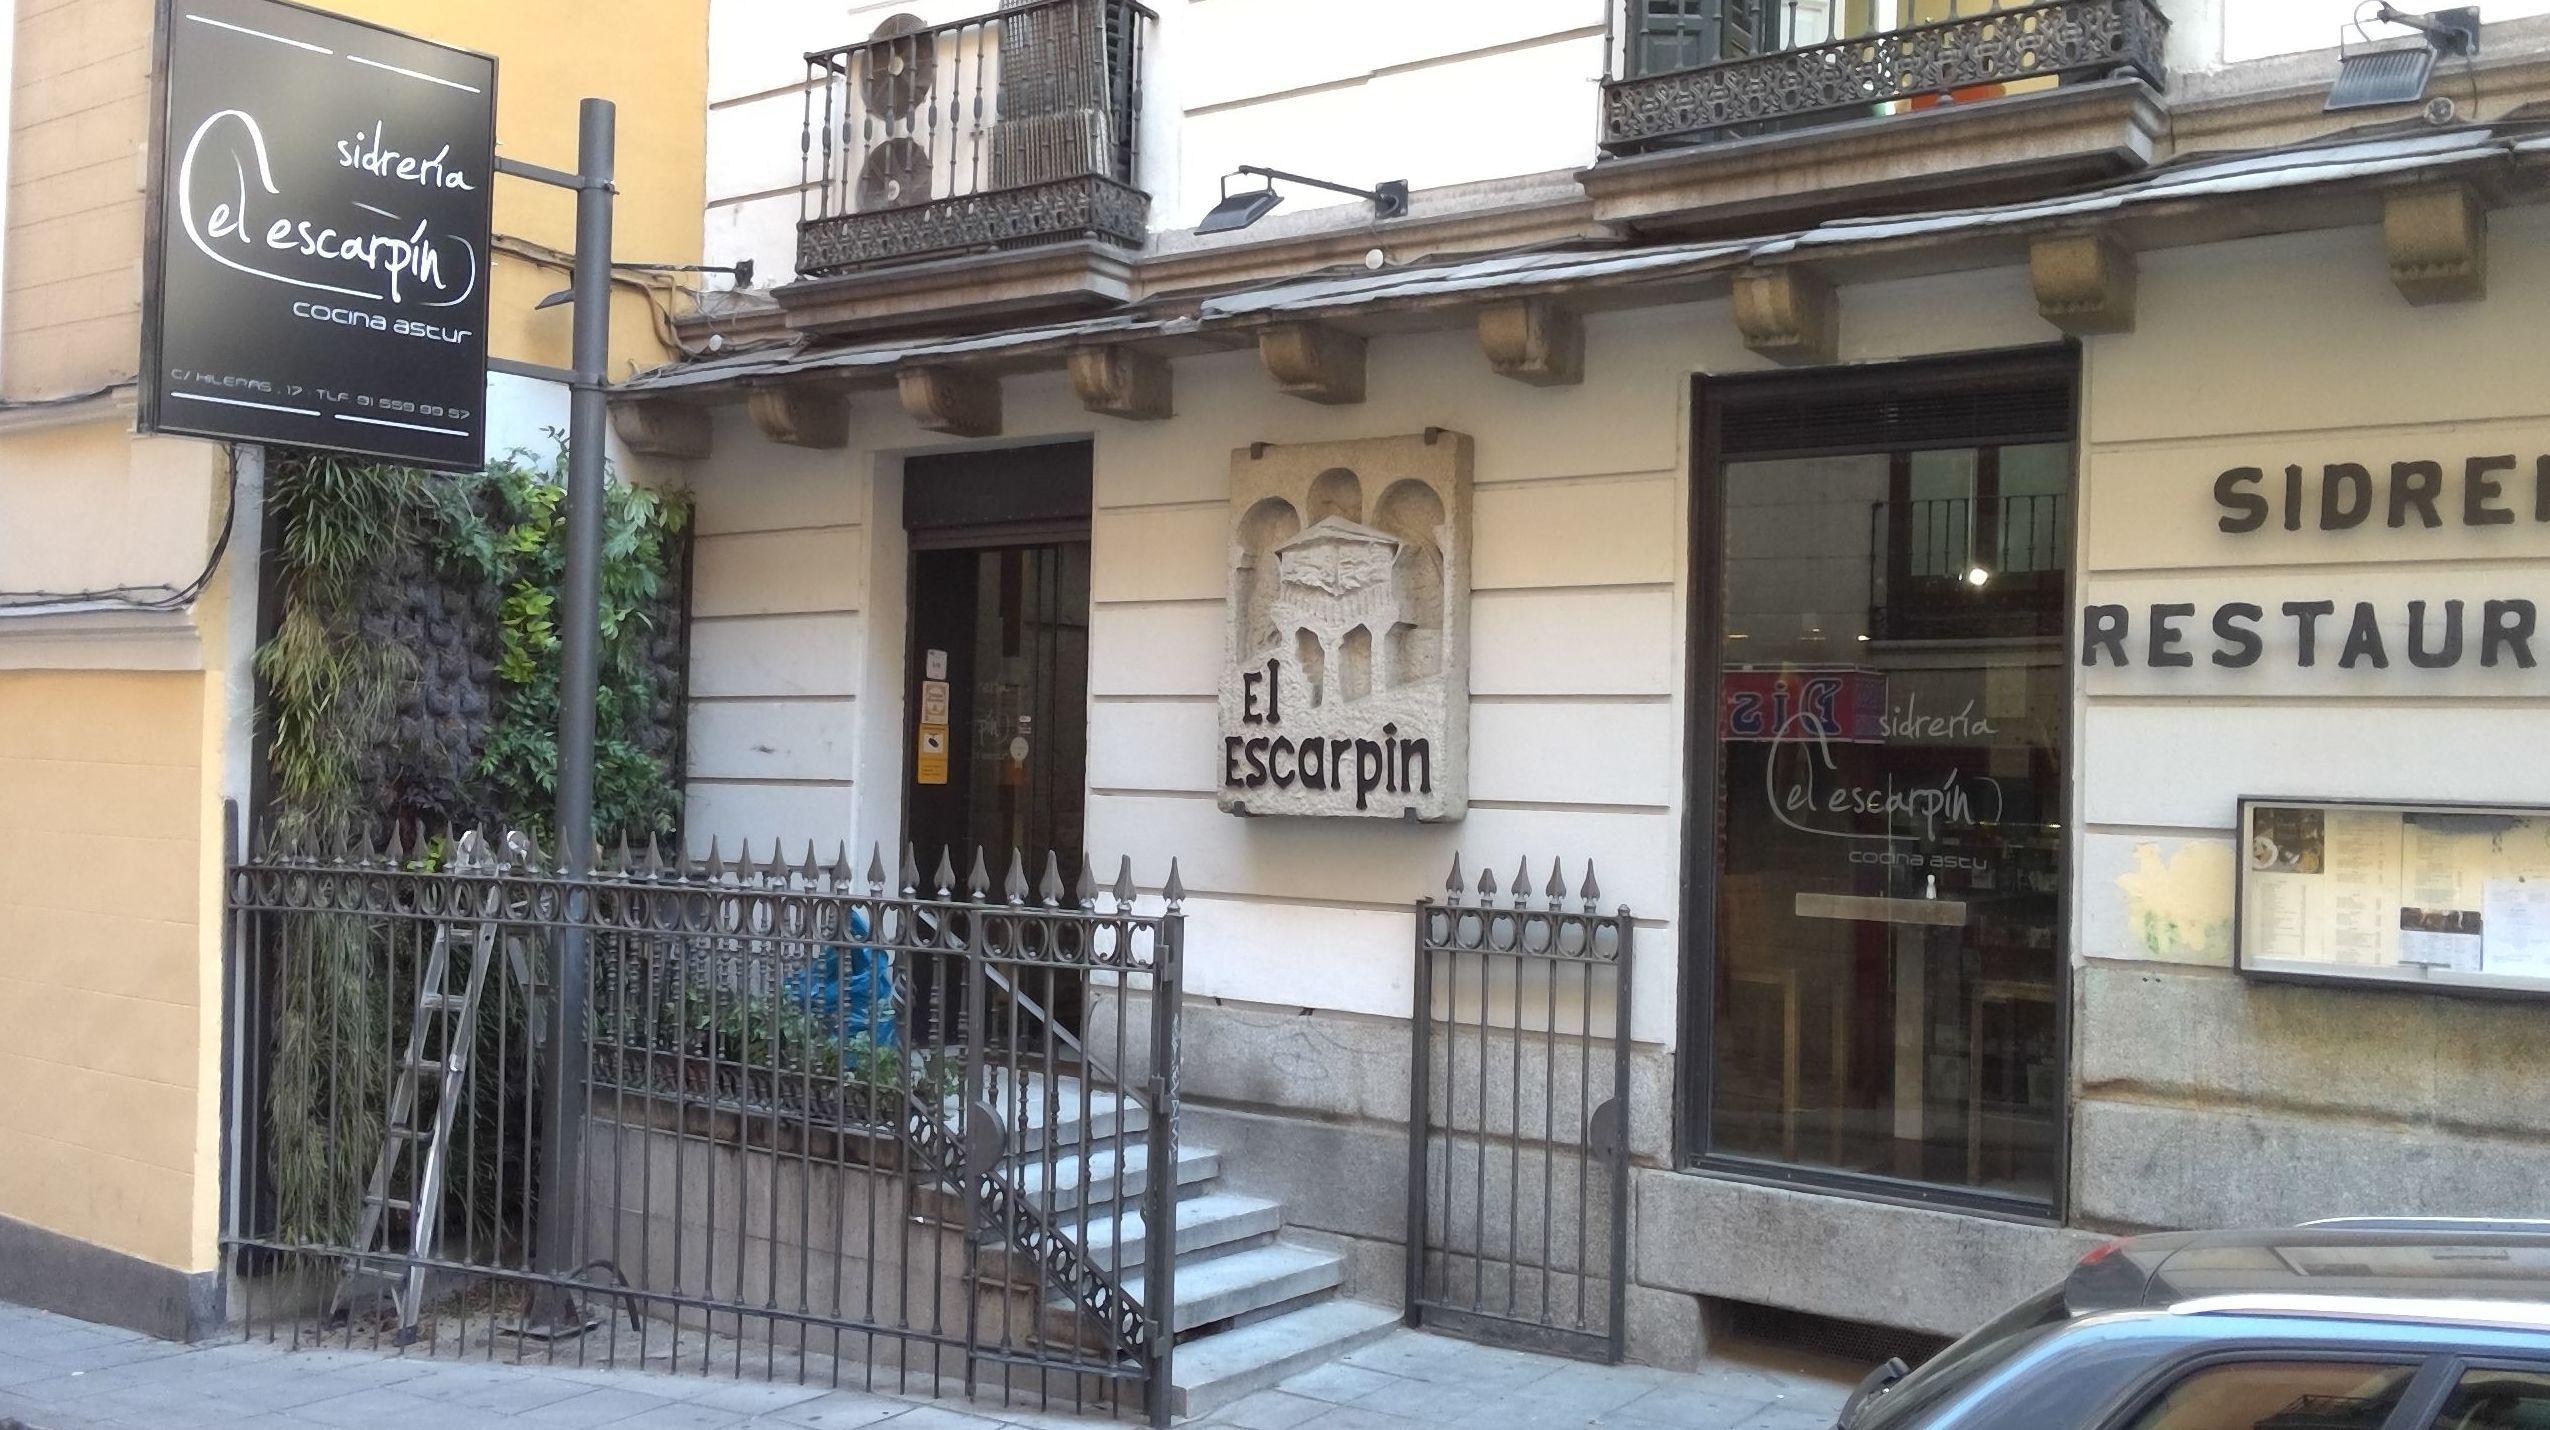 Cocina asturiana en el centro de madrid el escart n for Cocina asturiana